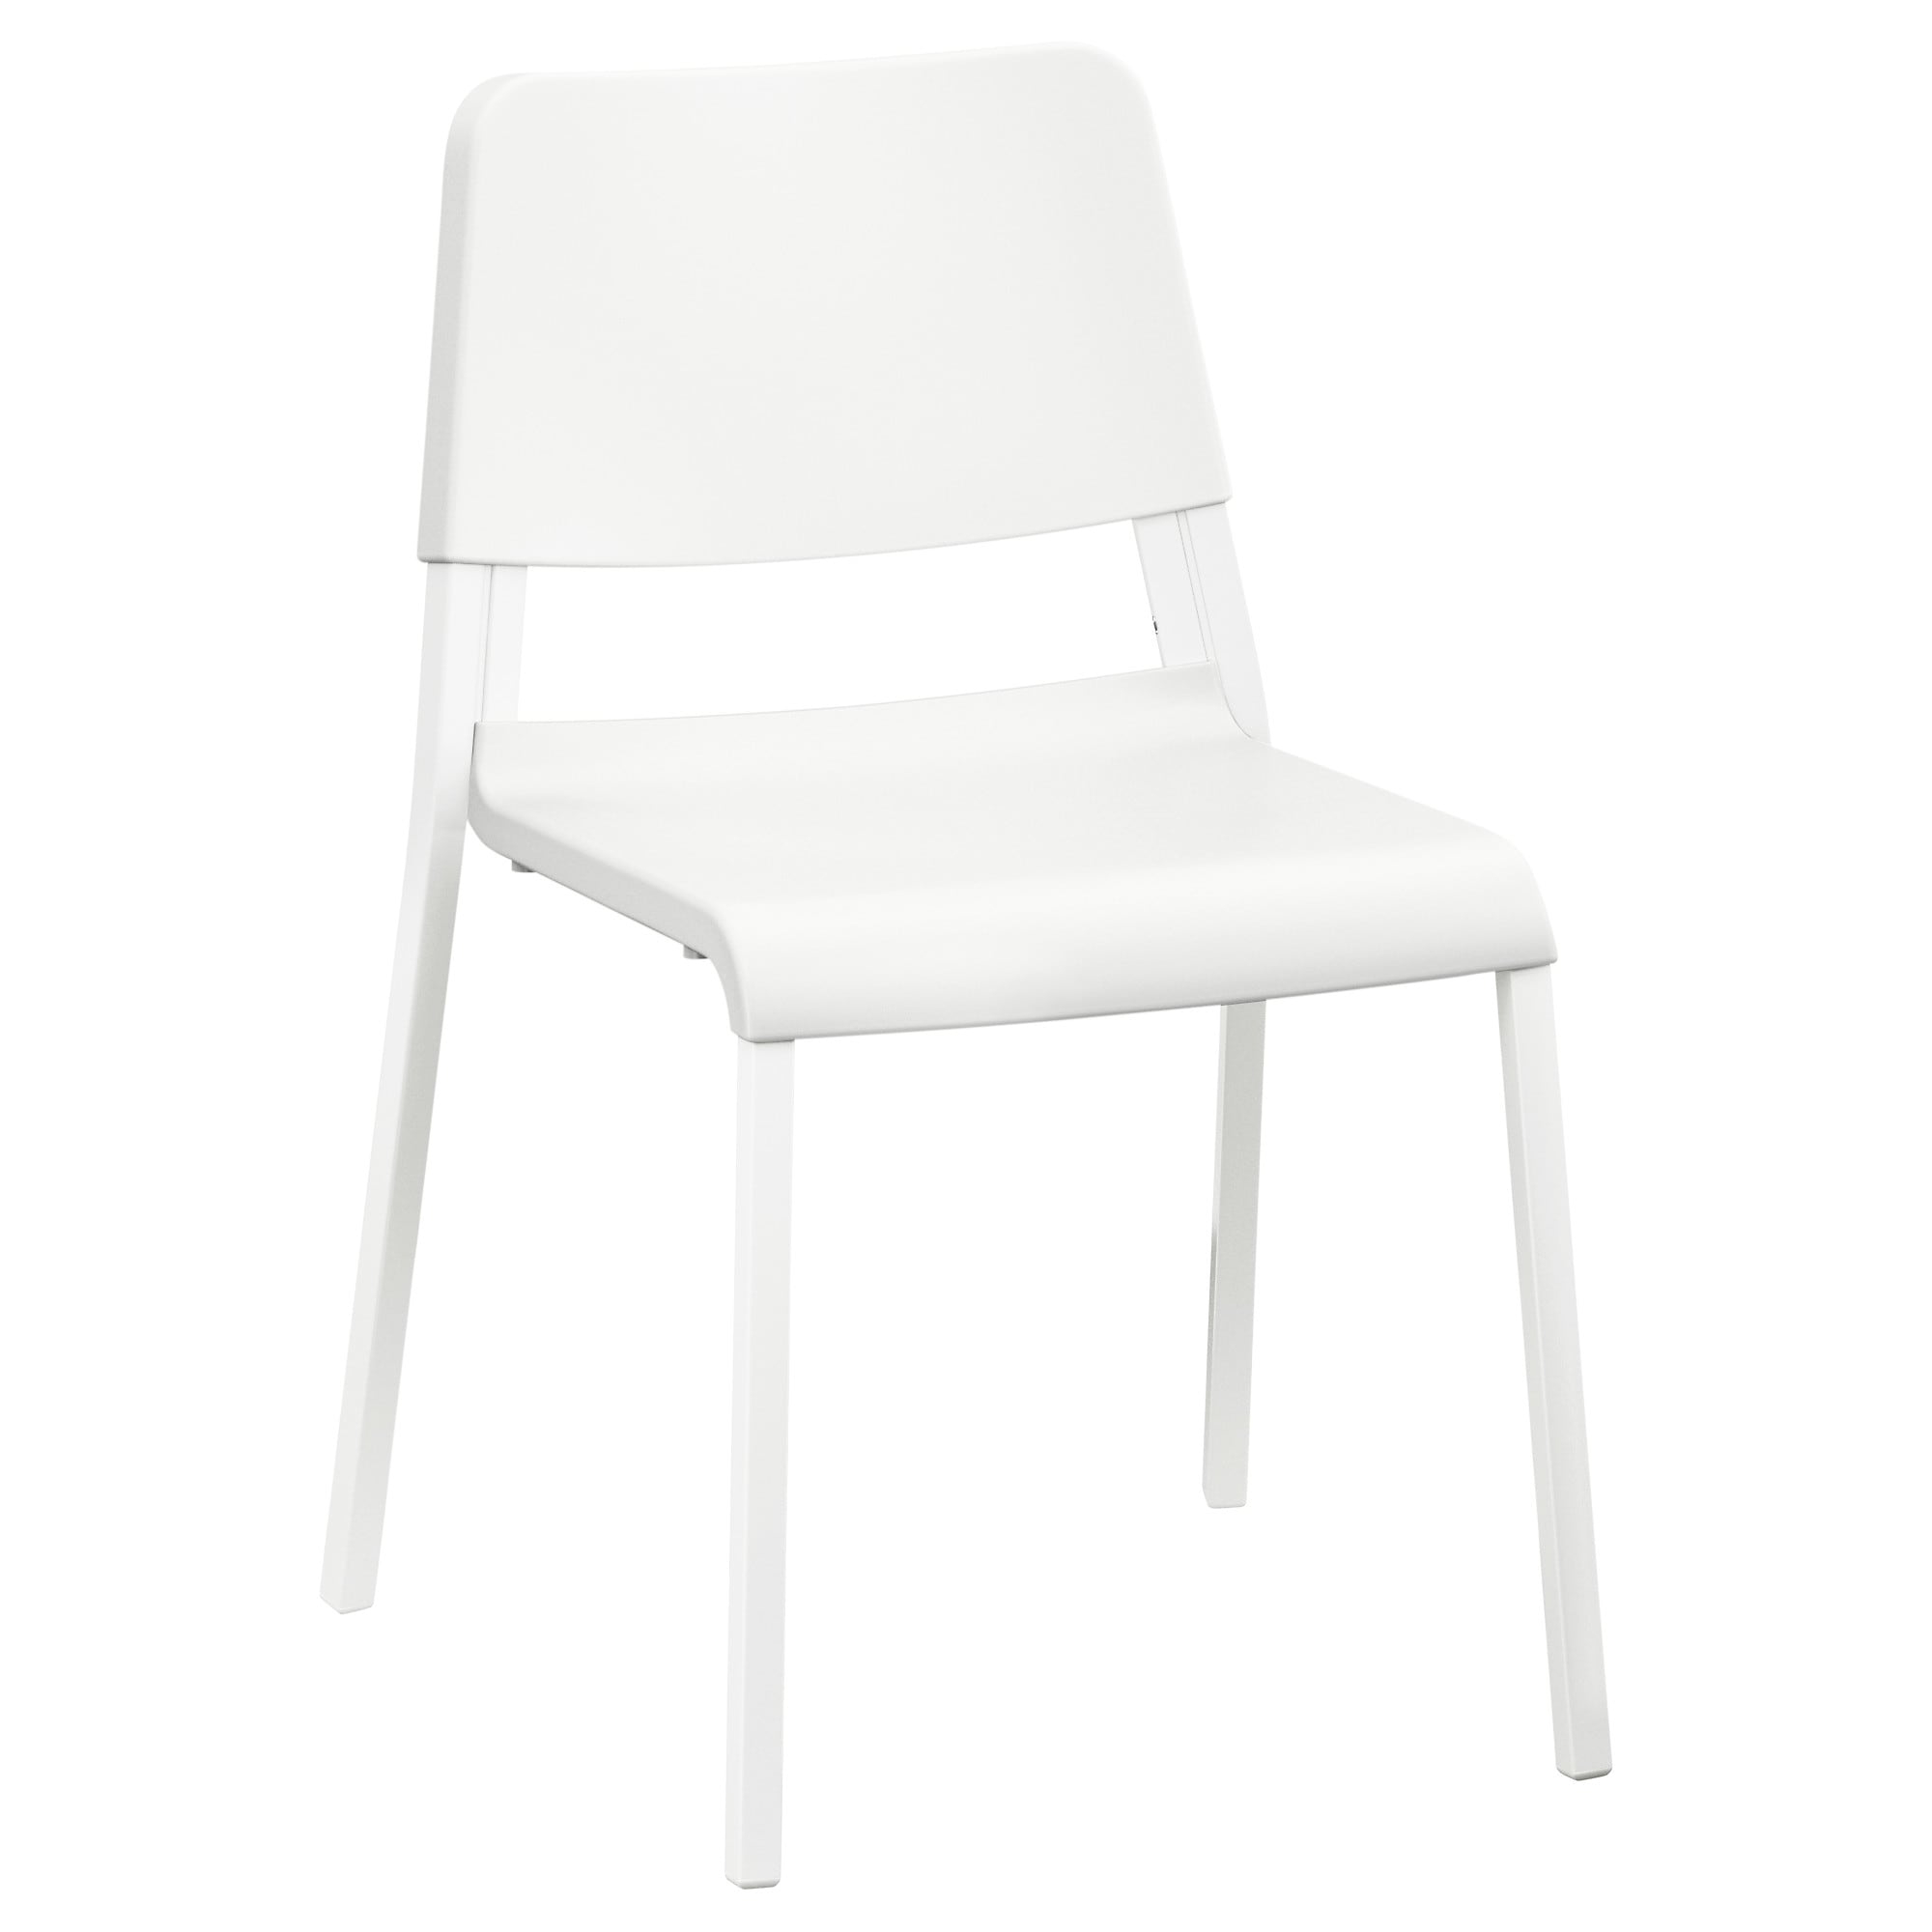 Sillas Dormitorio Ikea Y7du Sillas Taburetes Y Bancos Pra Online Ikea